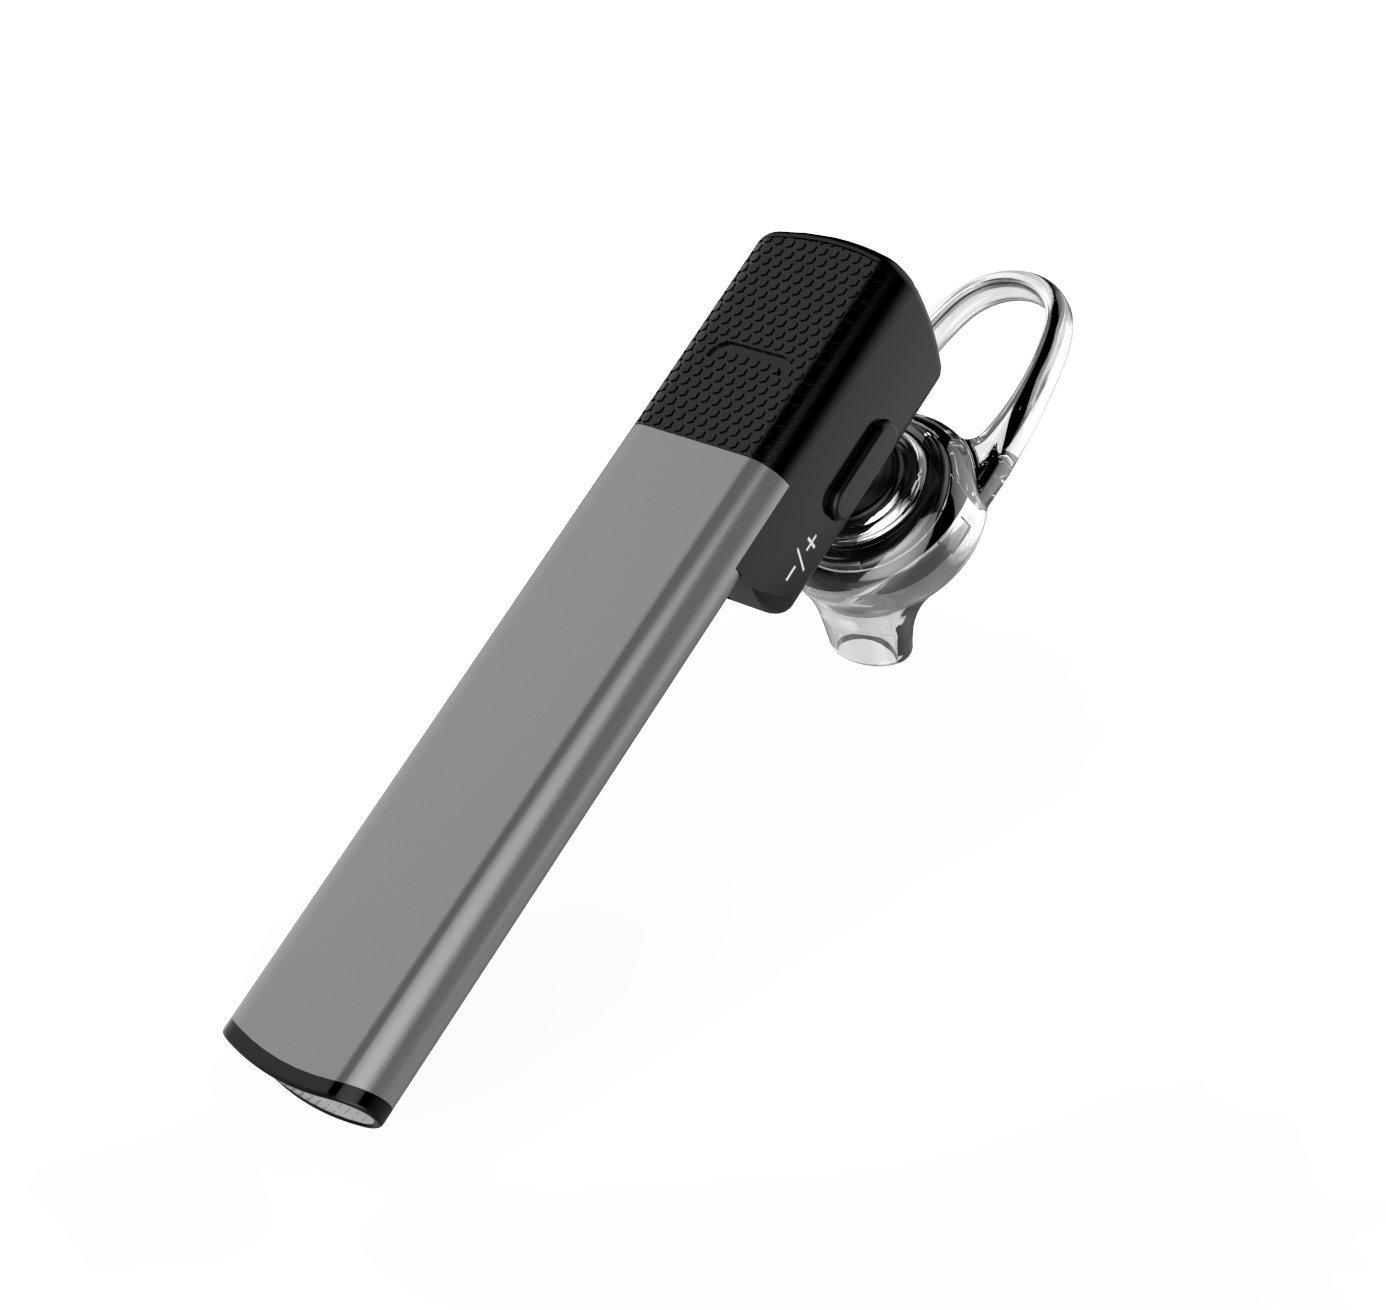 FlatFinワイヤレスBluetoothヘッドセット、ハンズフリーのiPhoneアプリのiPod、サムスン、Android携帯電話、黒用のマイク付きイヤーヘッドフォン